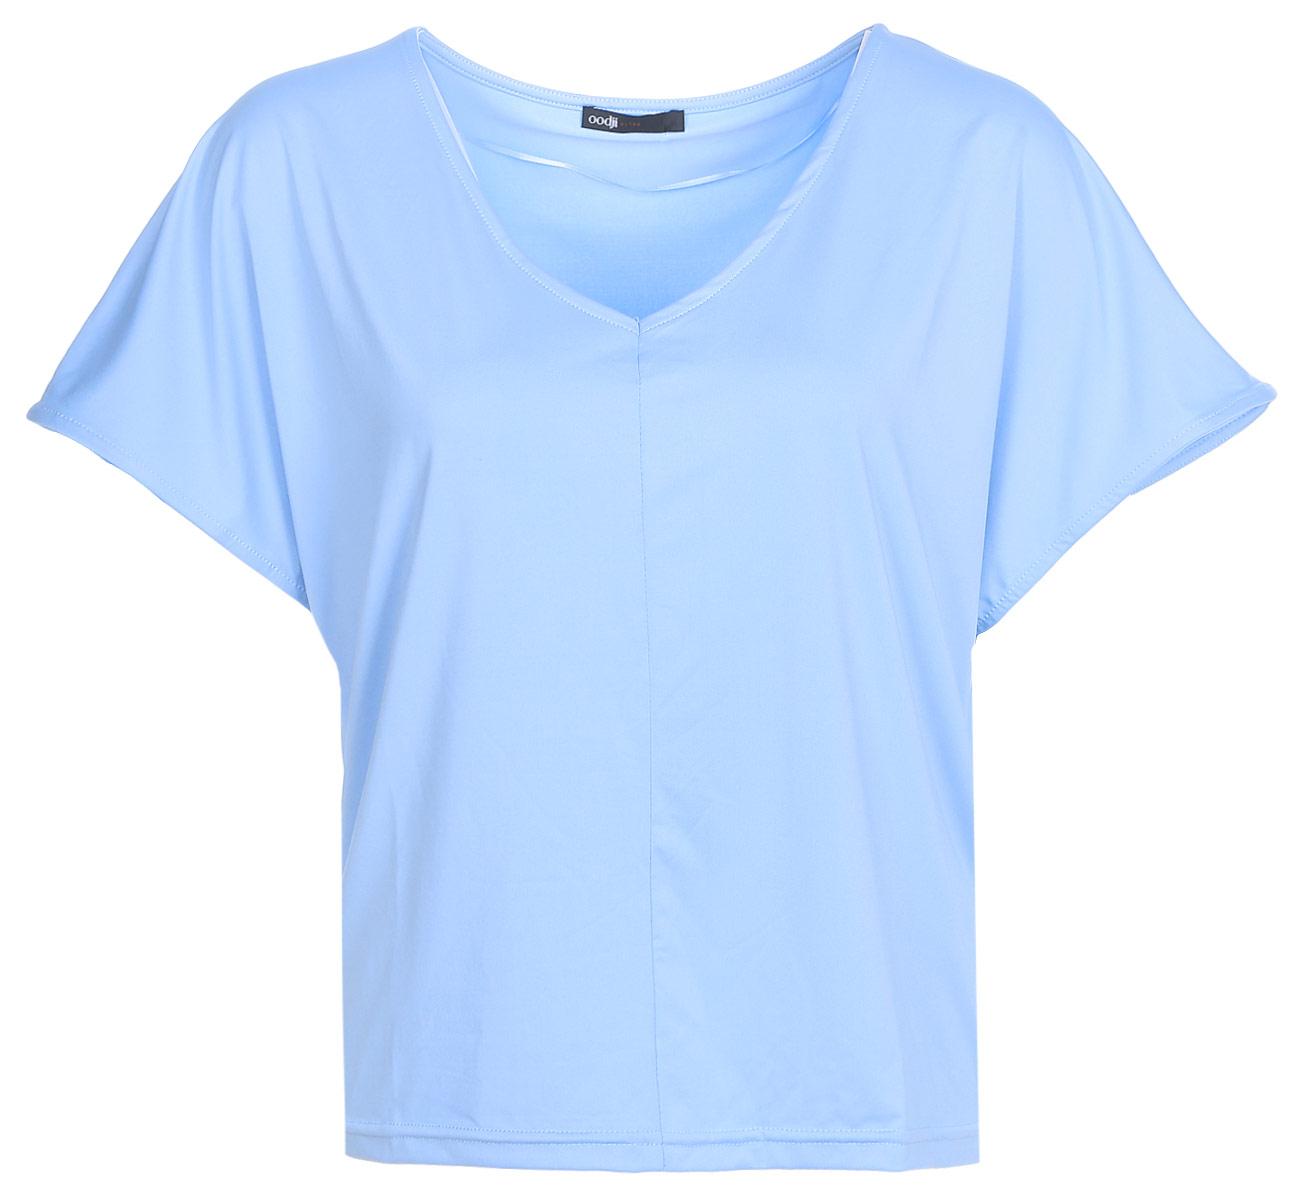 Футболка женская oodji Ultra, цвет: голубой. 14708011/16300/7000N. Размер XS (42)14708011/16300/7000NФутболка с V-образным вырезом горловины и короткими рукавами летучая мышь выполнена из струящейся ткани.